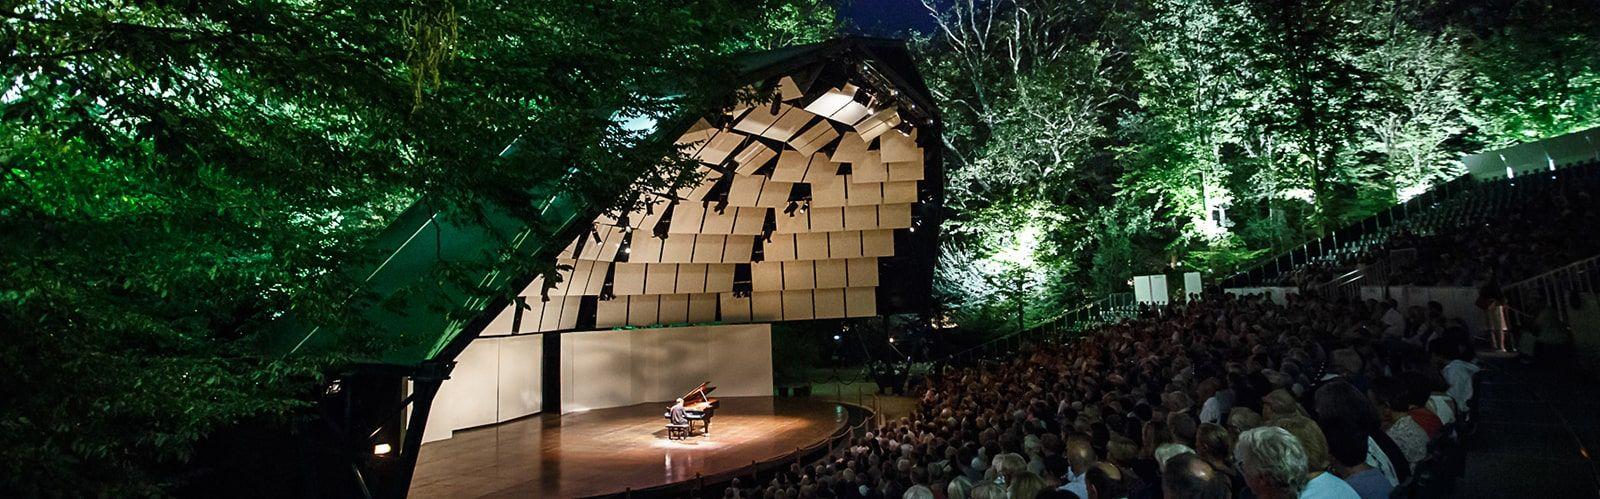 Vers Un été Sans Festivals Festival Communication Politique La Philharmonie